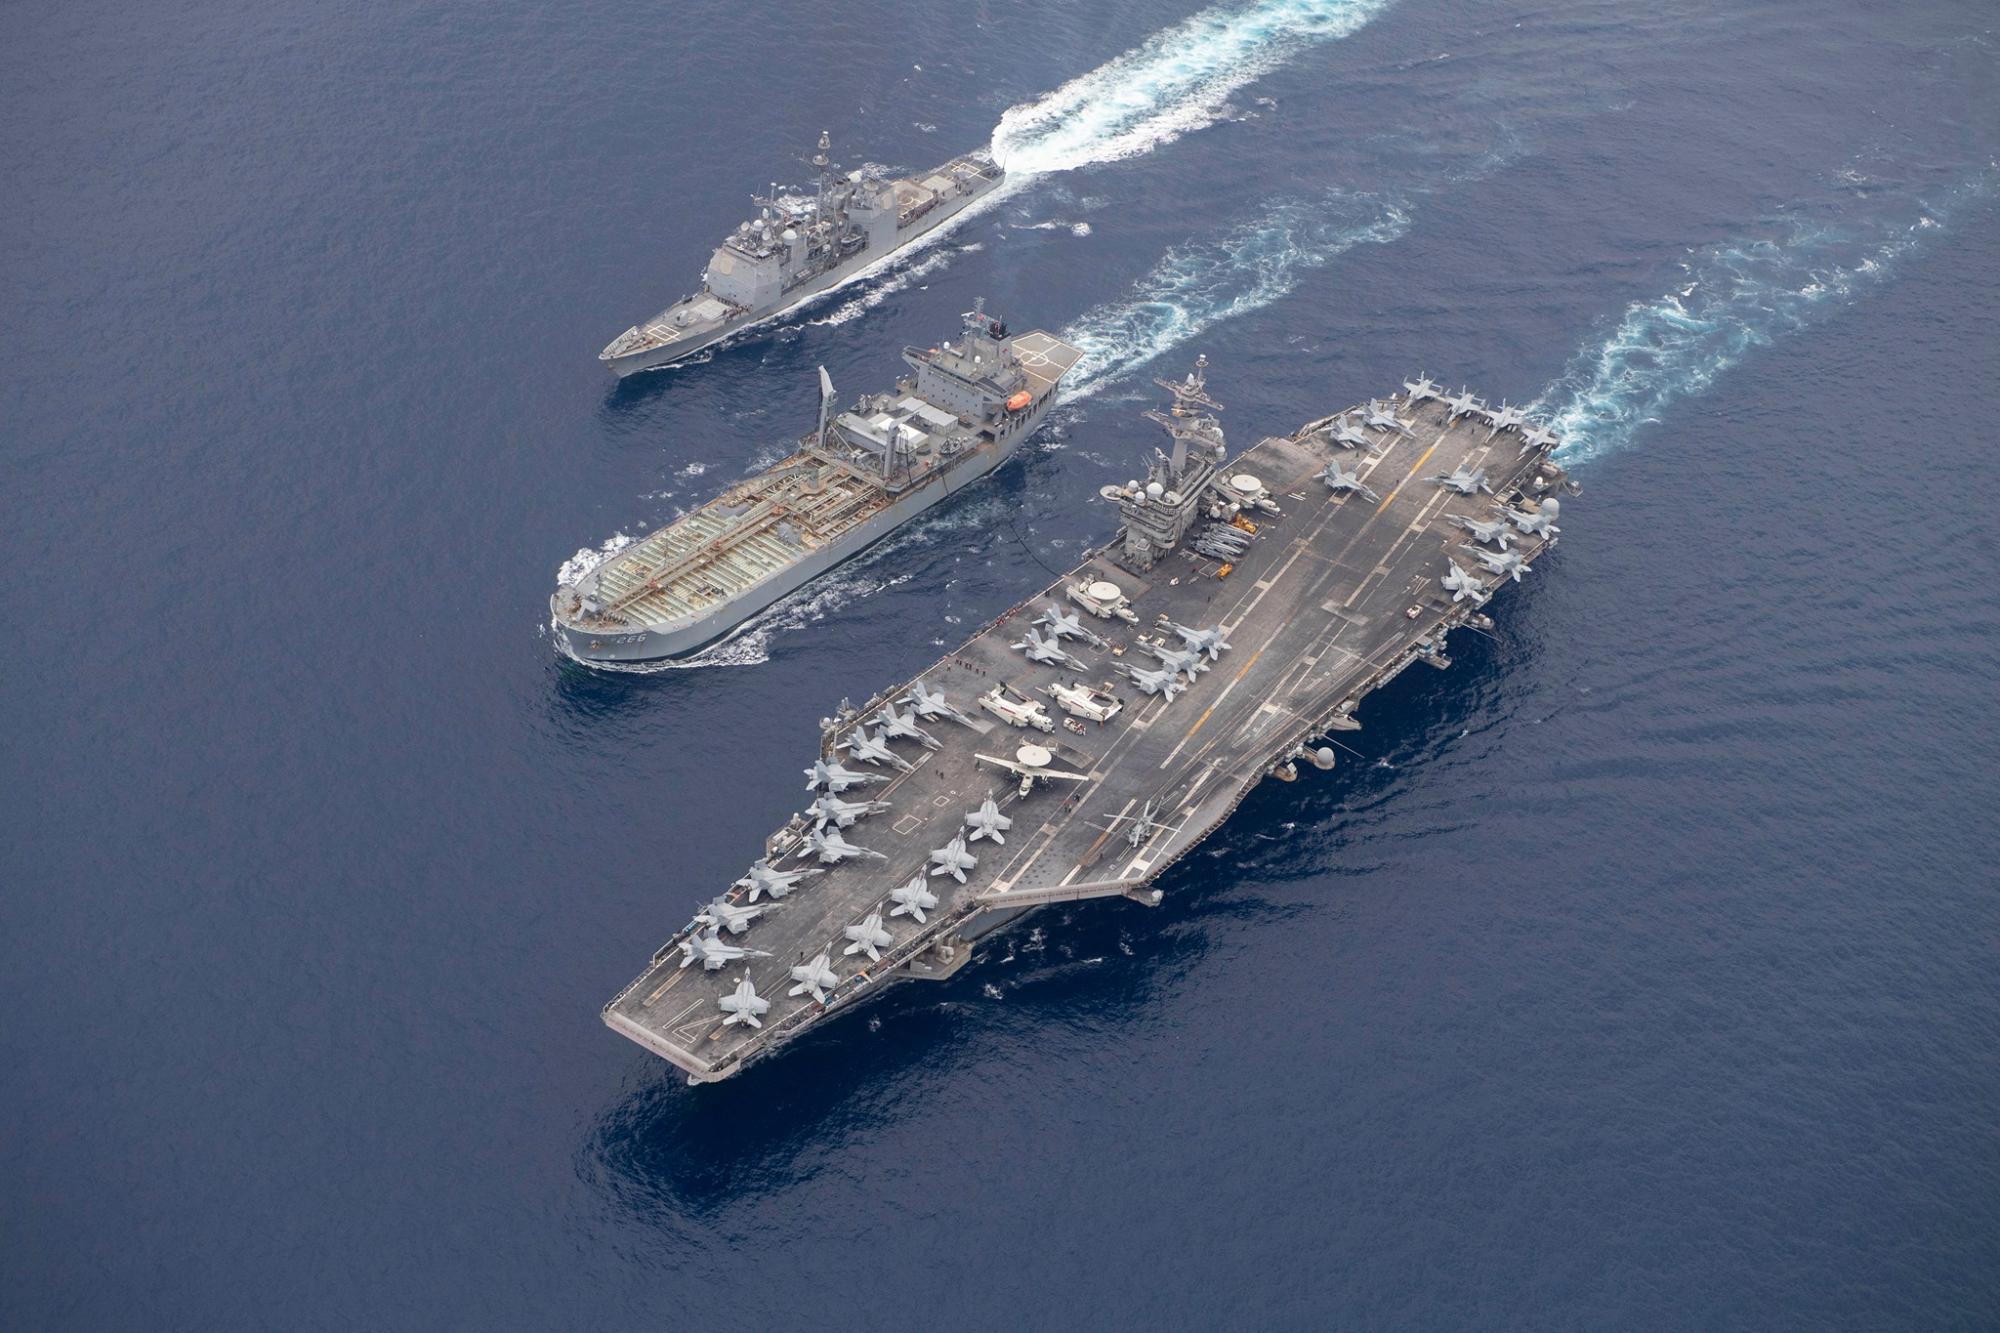 Озброєні до зубів кораблі НАТО увійдуть в Чорне море: ось фото цих есмінців